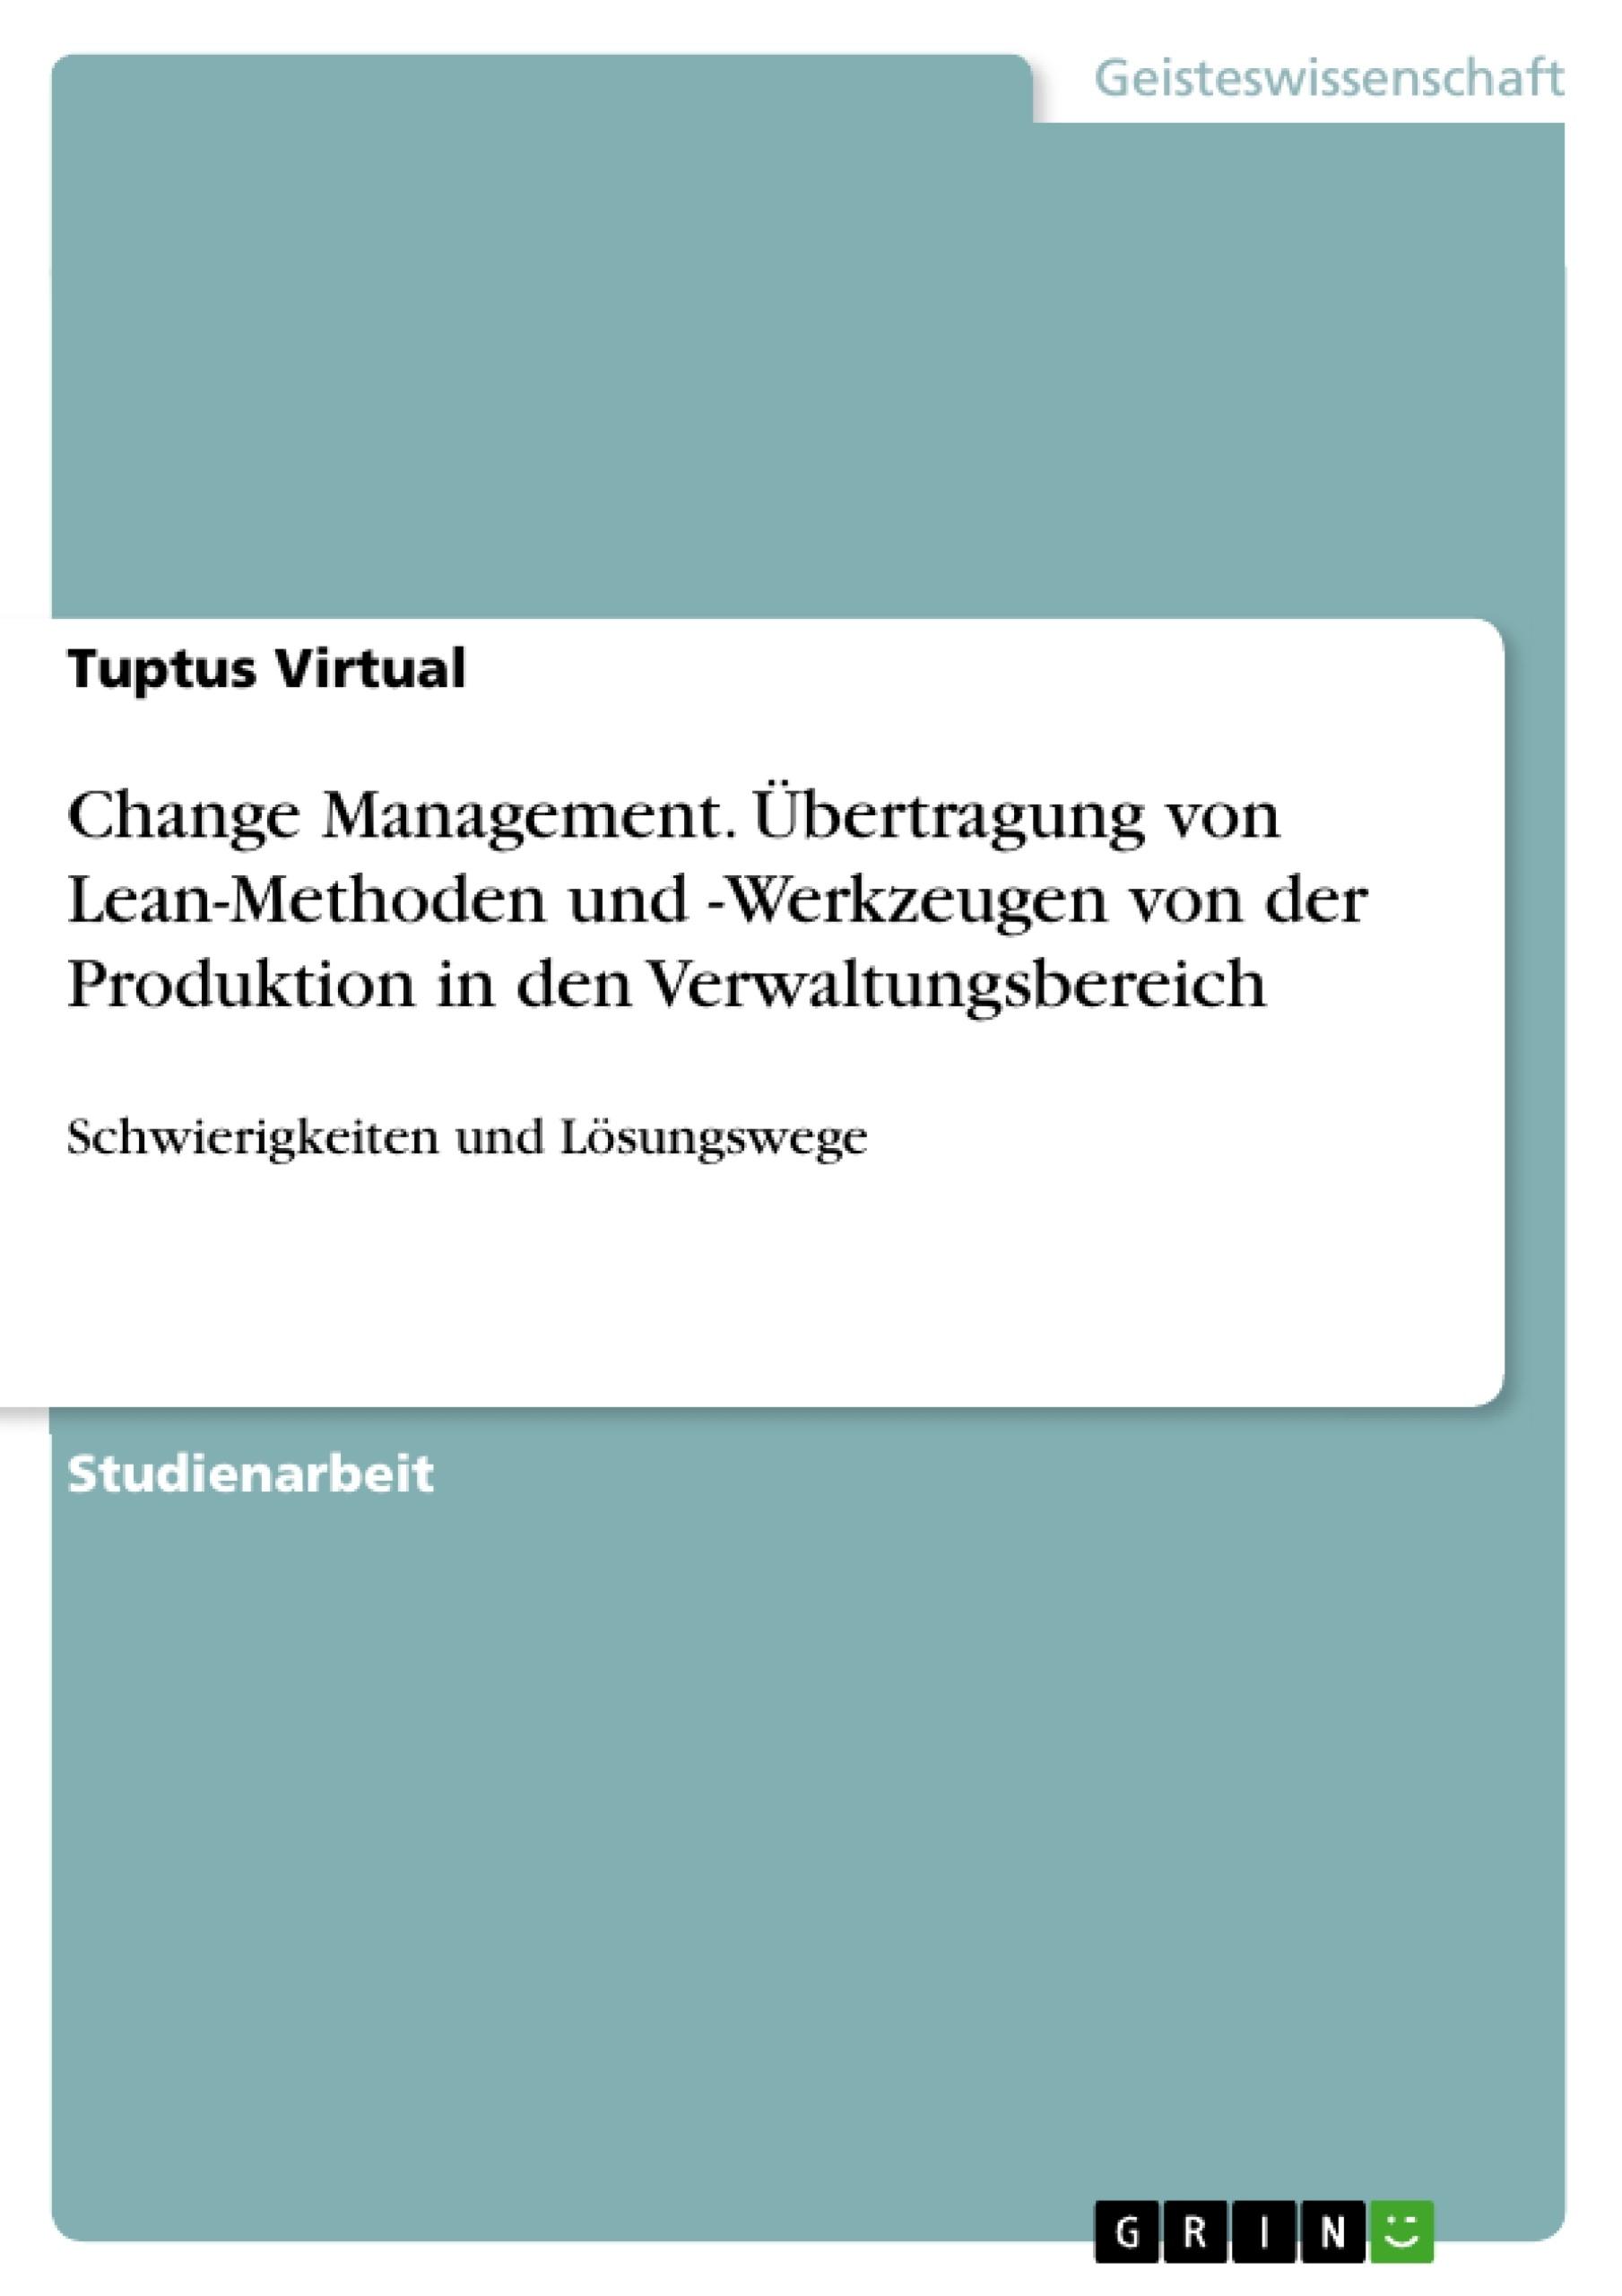 Titel: Change Management. Übertragung von Lean-Methoden und -Werkzeugen von der Produktion in den Verwaltungsbereich